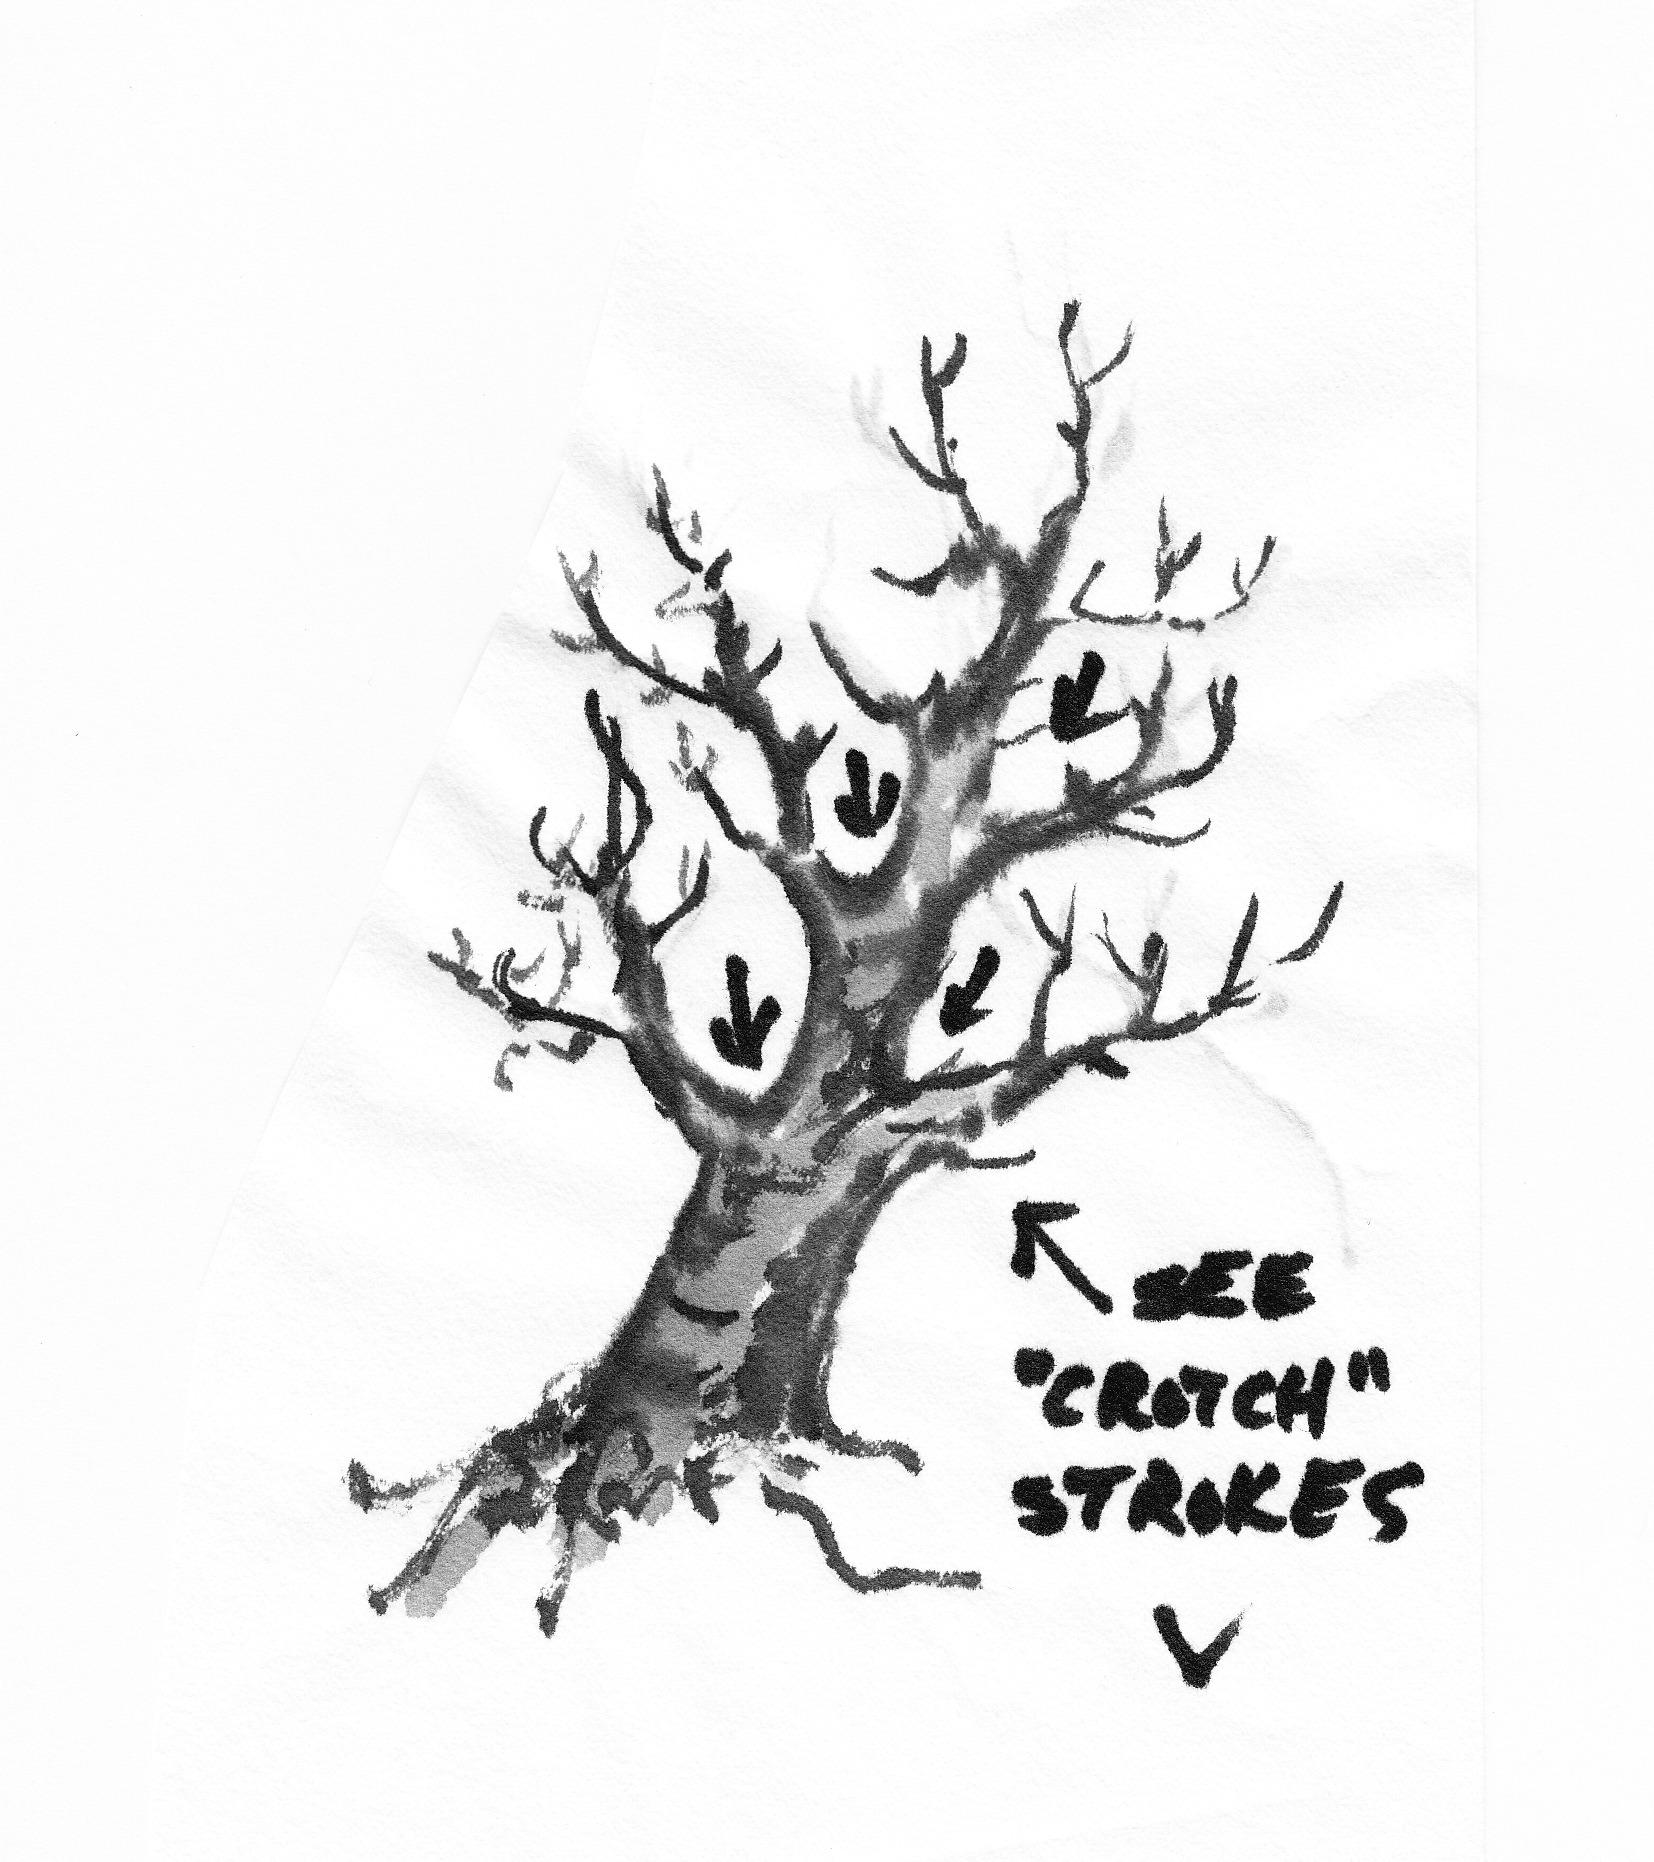 9 Best Images Of Brush Strokes Worksheet